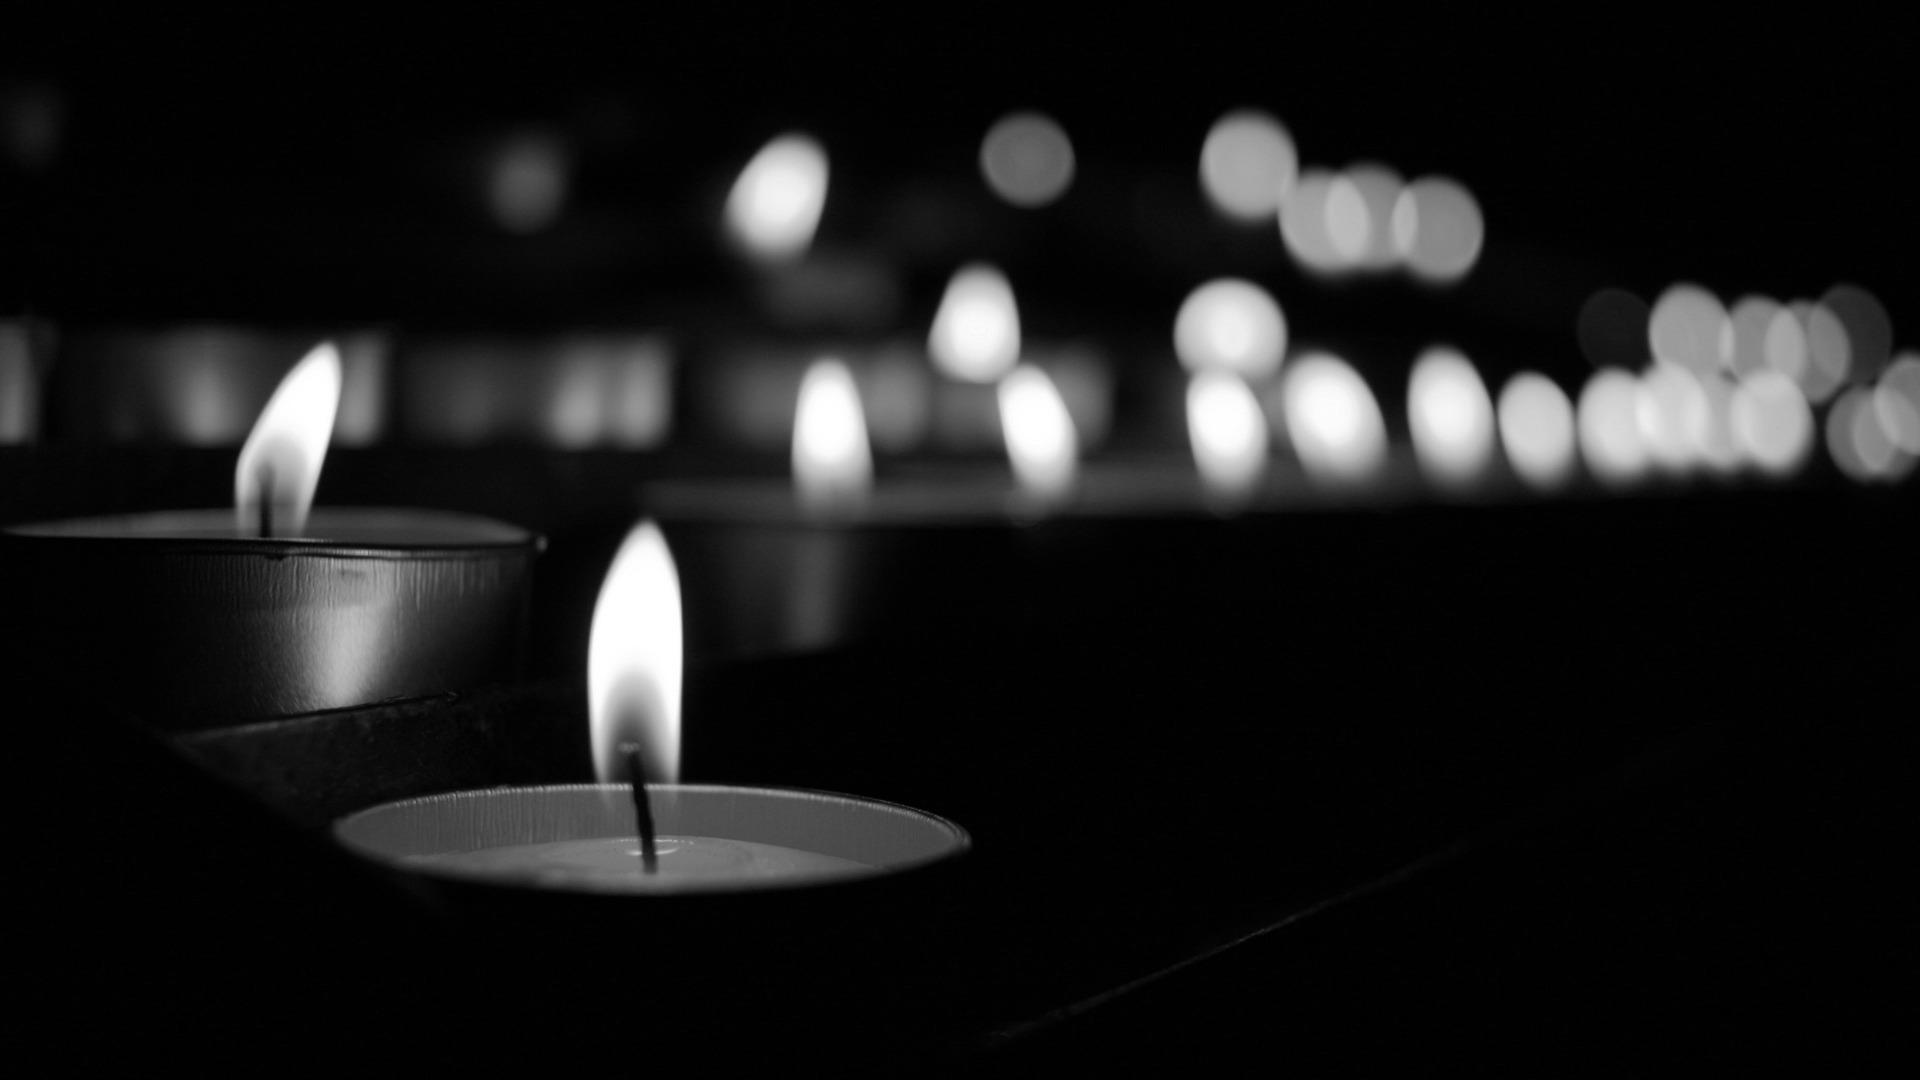 【今日清明】哀悼为抗击新冠肺炎牺牲的烈士和逝世的同胞清明哀悼